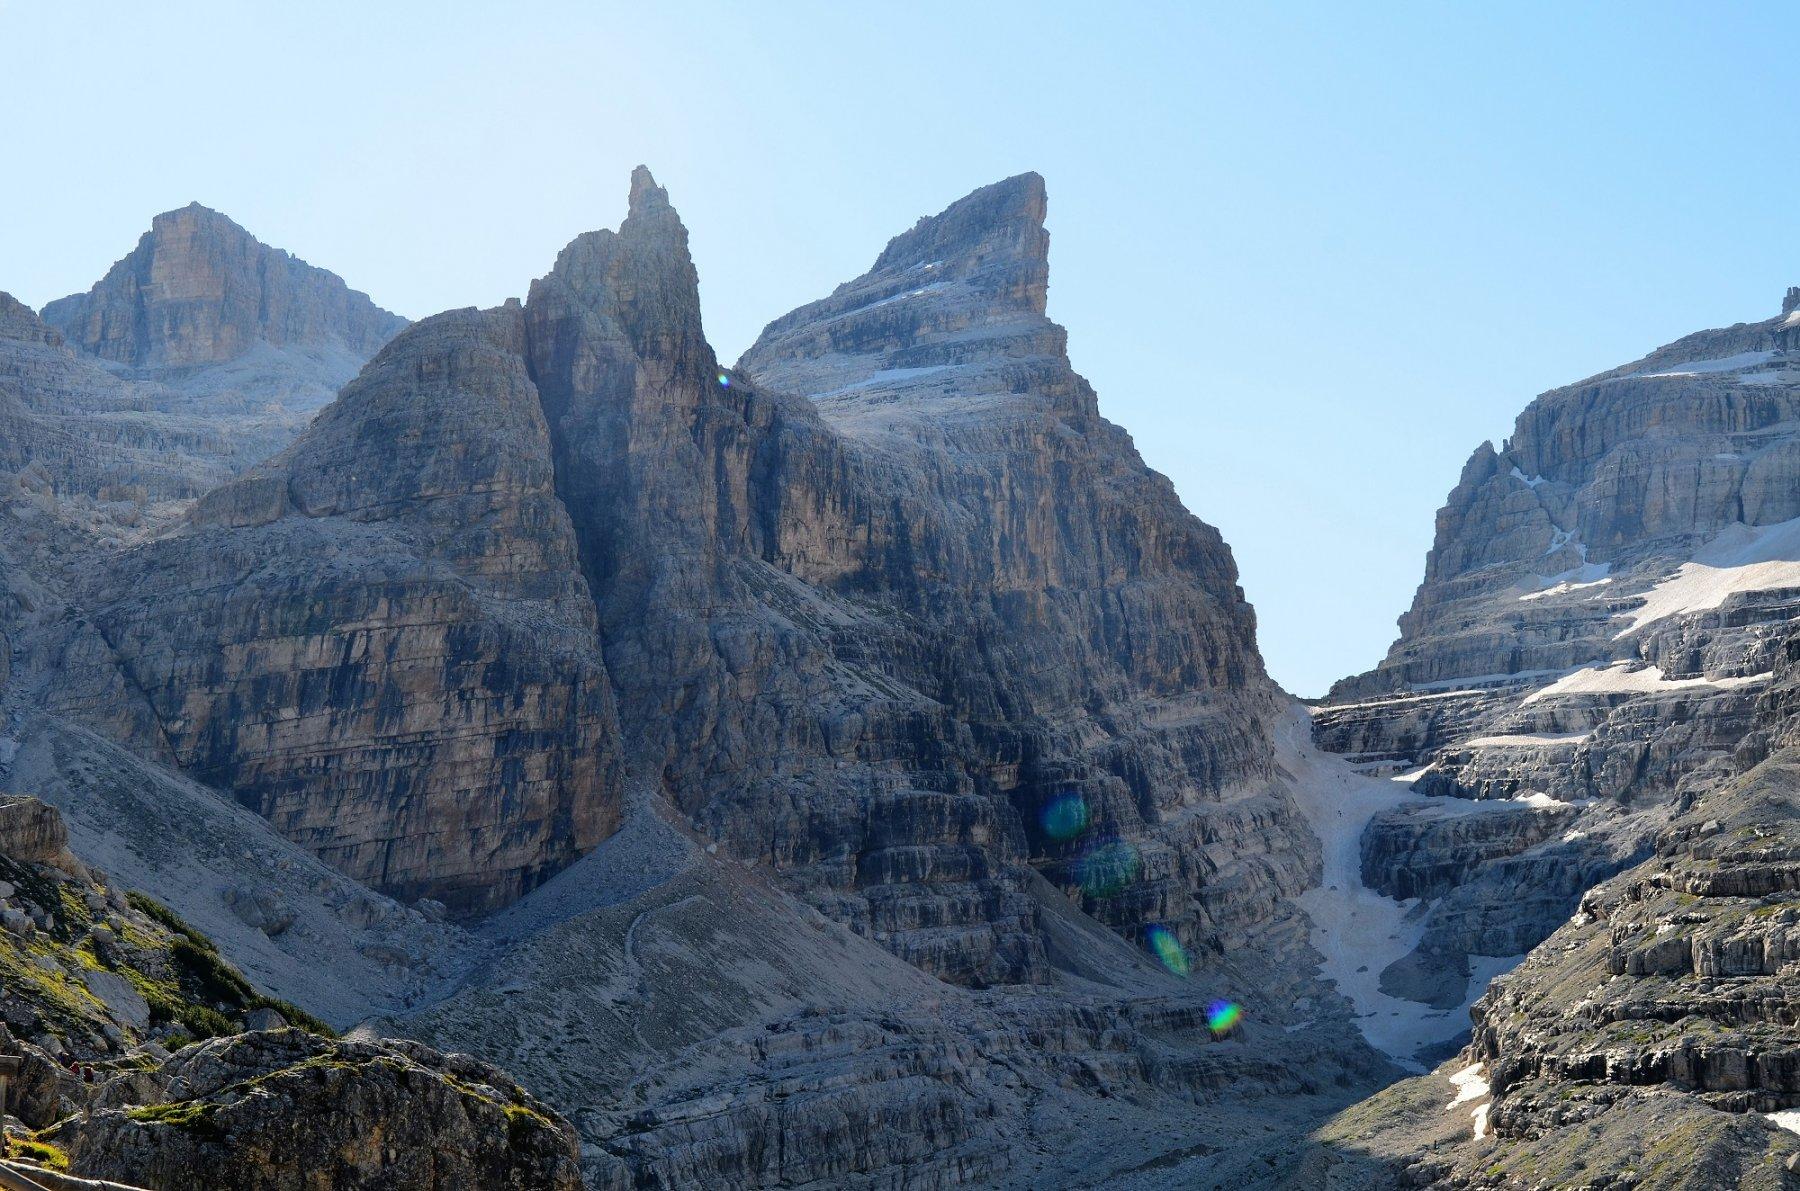 Da sinistra, Campanile di Vallesinella, Castelletto Inferiore, Cima Sella, vedretta di Tuckett